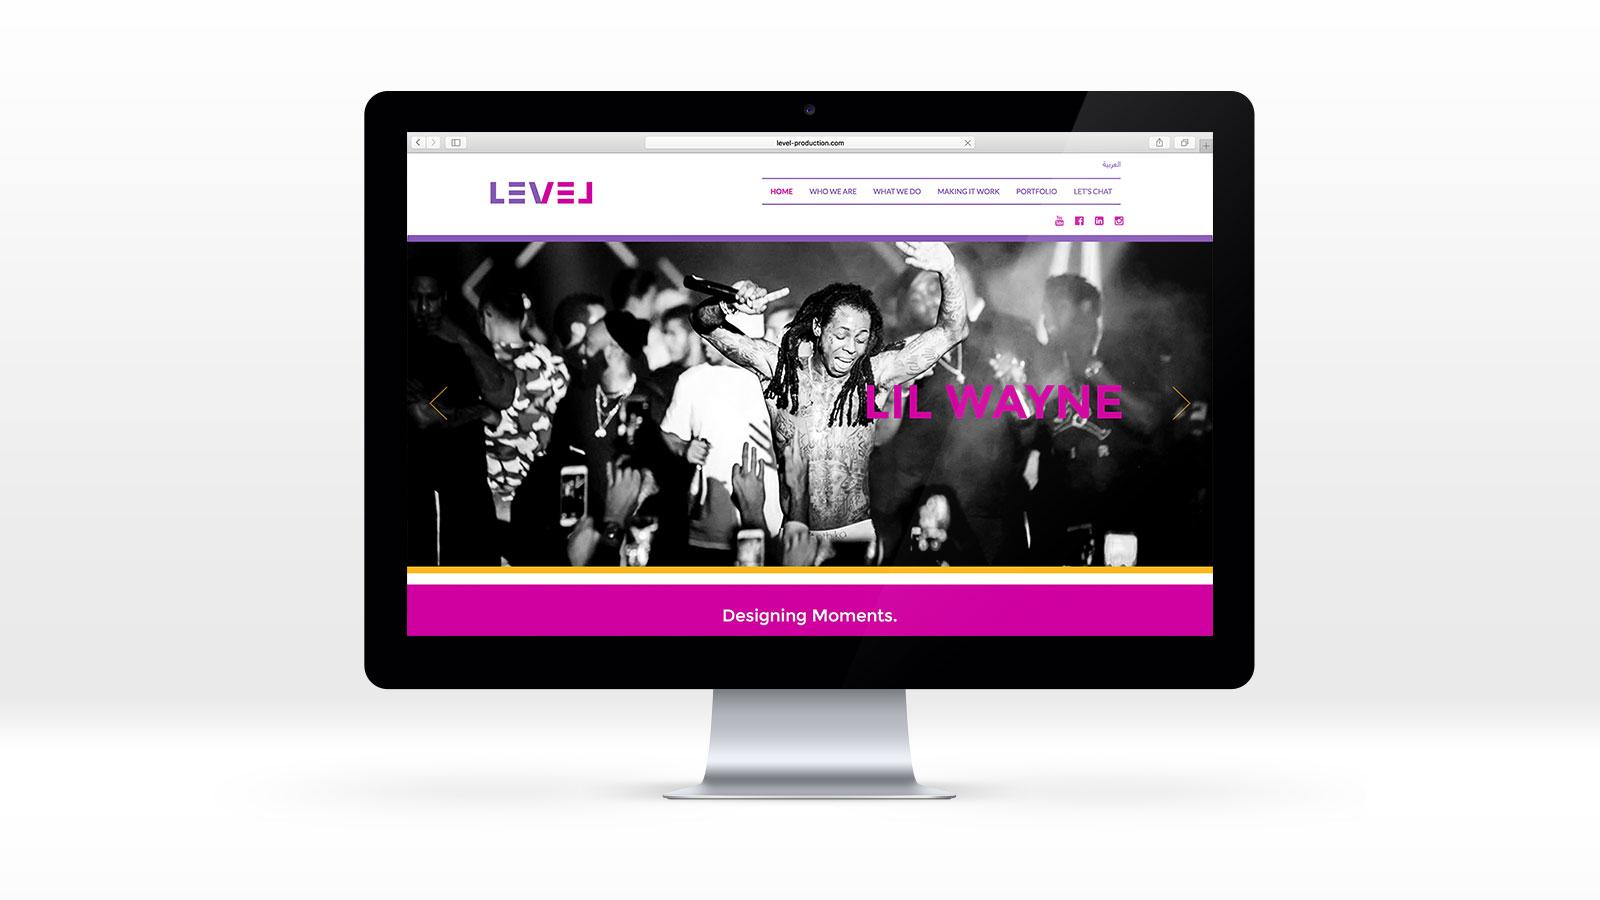 level_web1